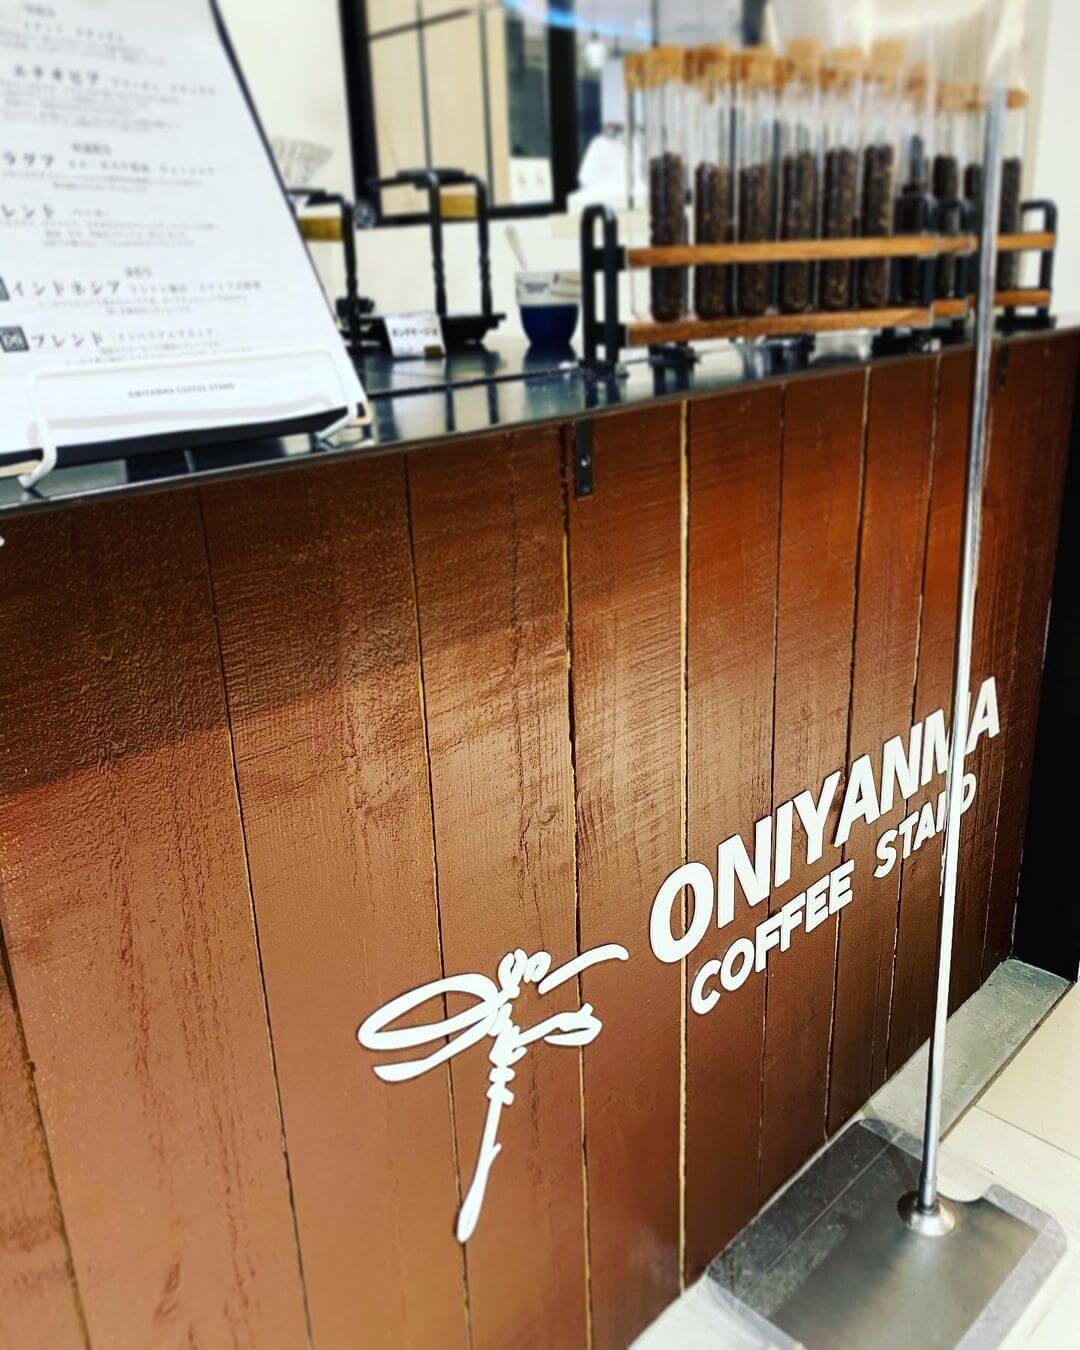 オニヤンマコーヒー スタンドの外観